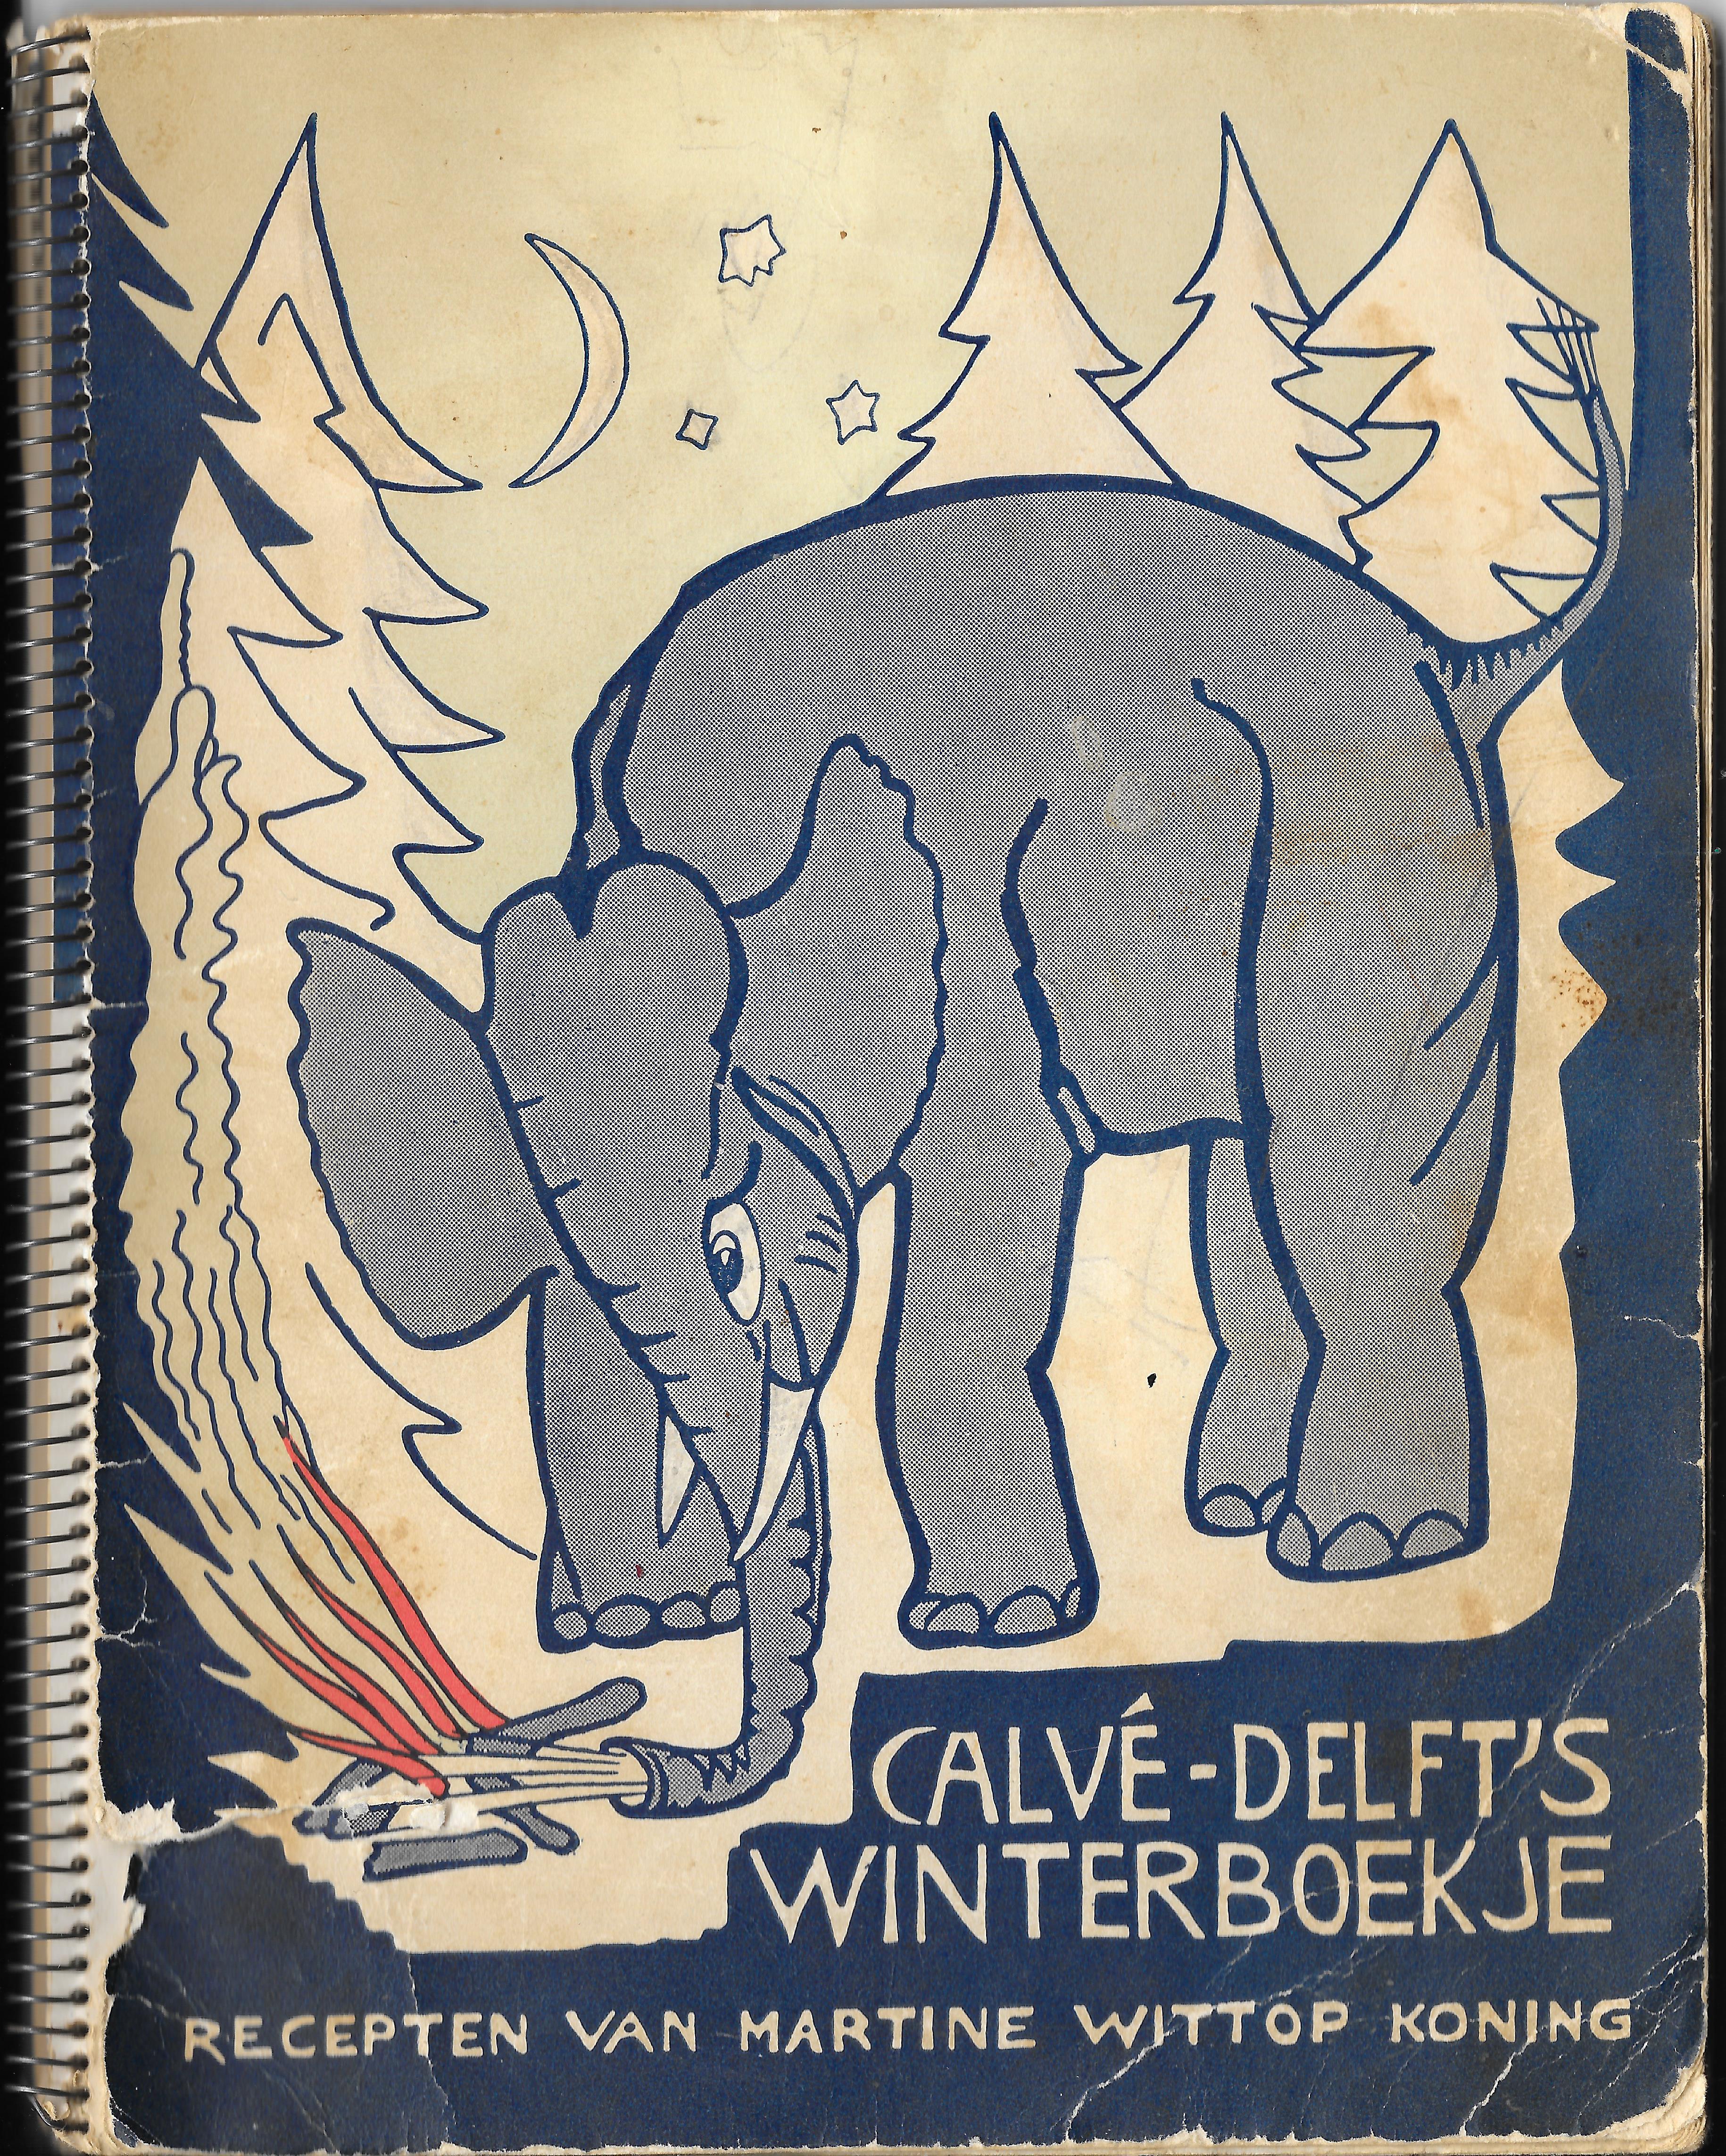 winterboekje calve 1